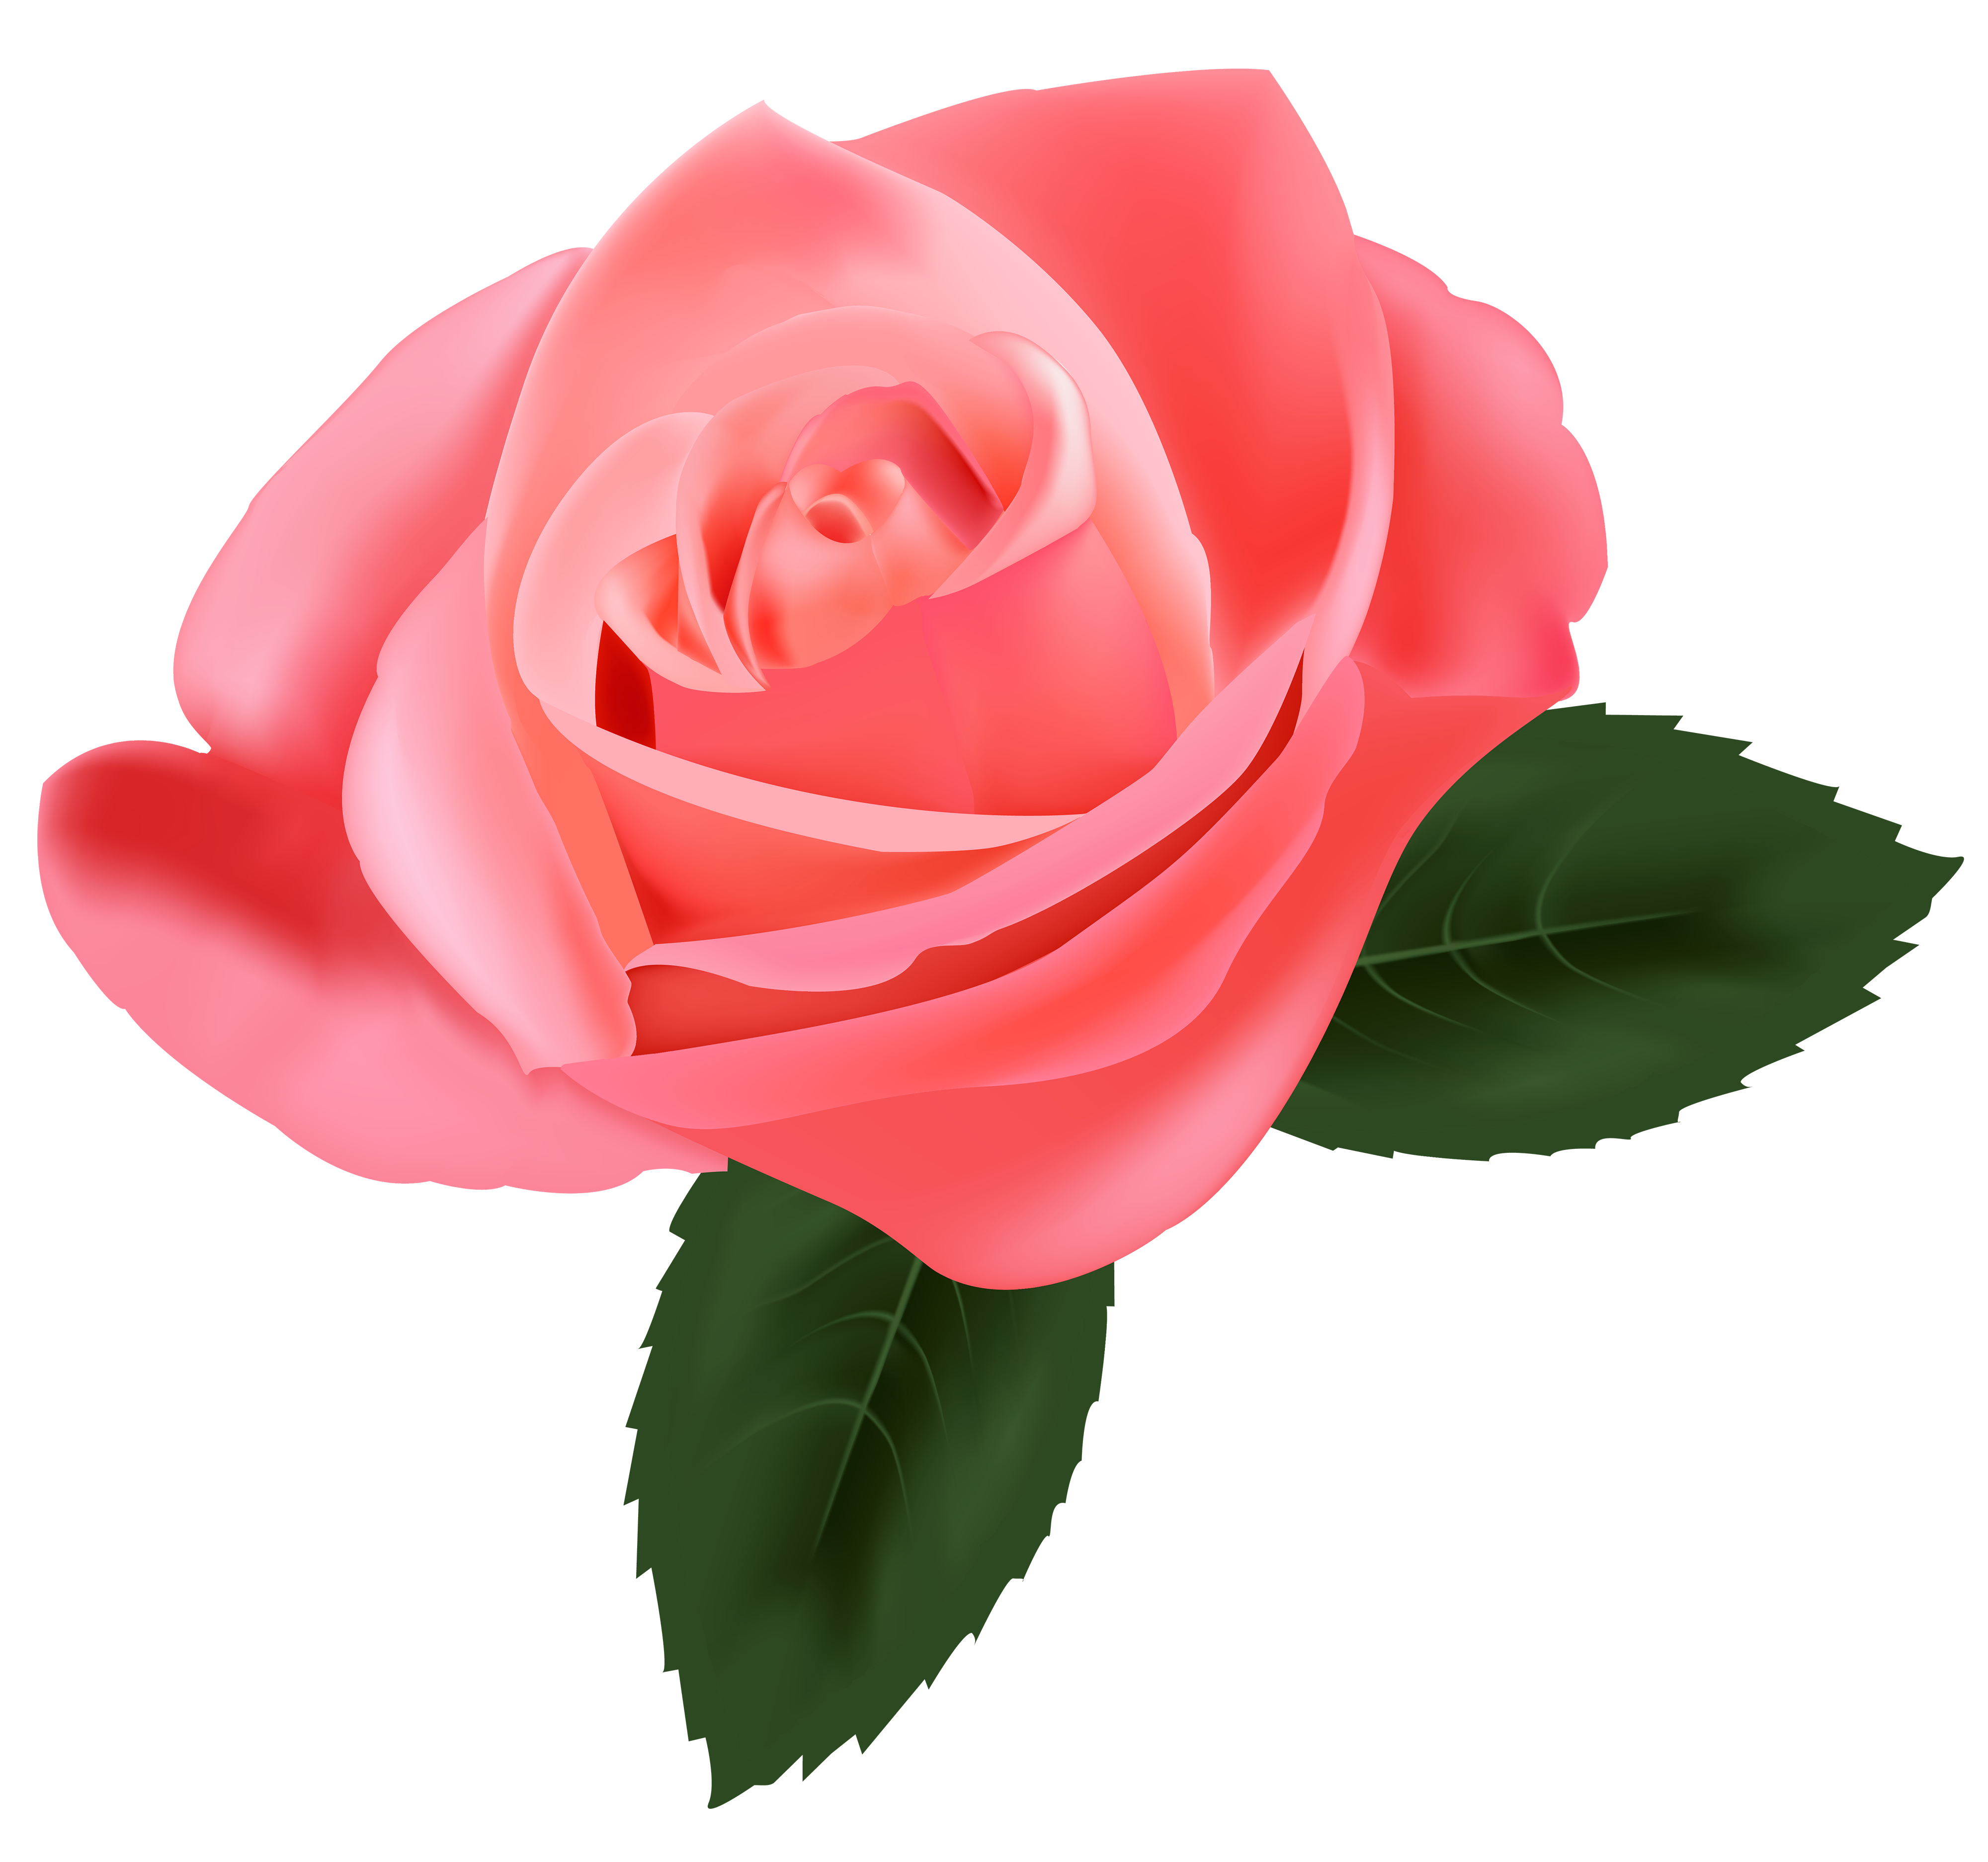 Pink rose png best. Clipart roses emoji